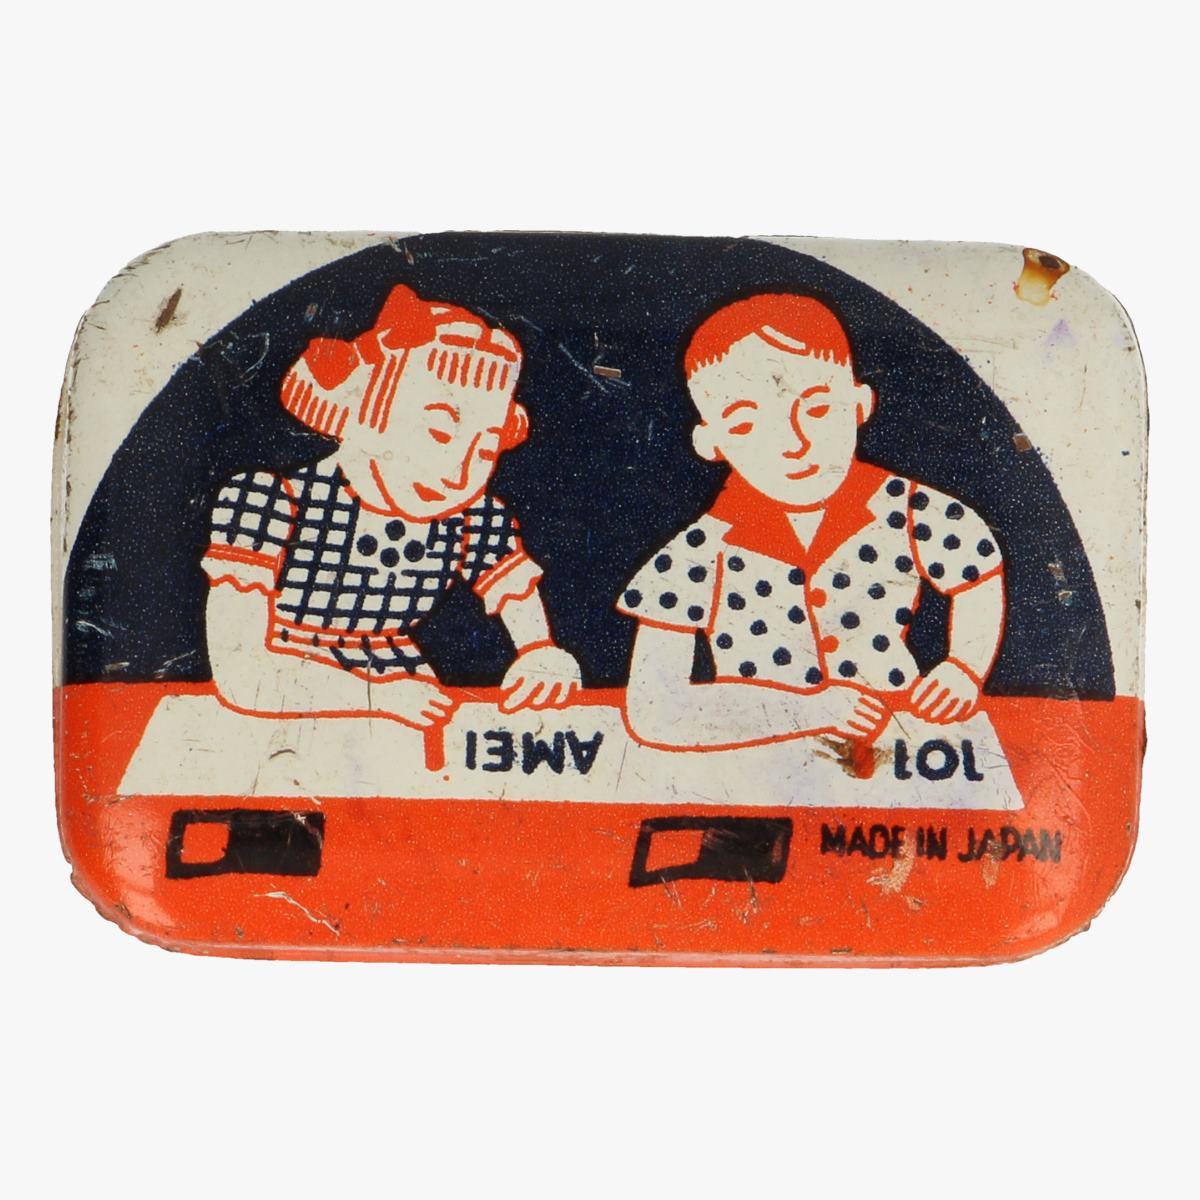 Afbeeldingen van blikken doosje amei lol made in japa,